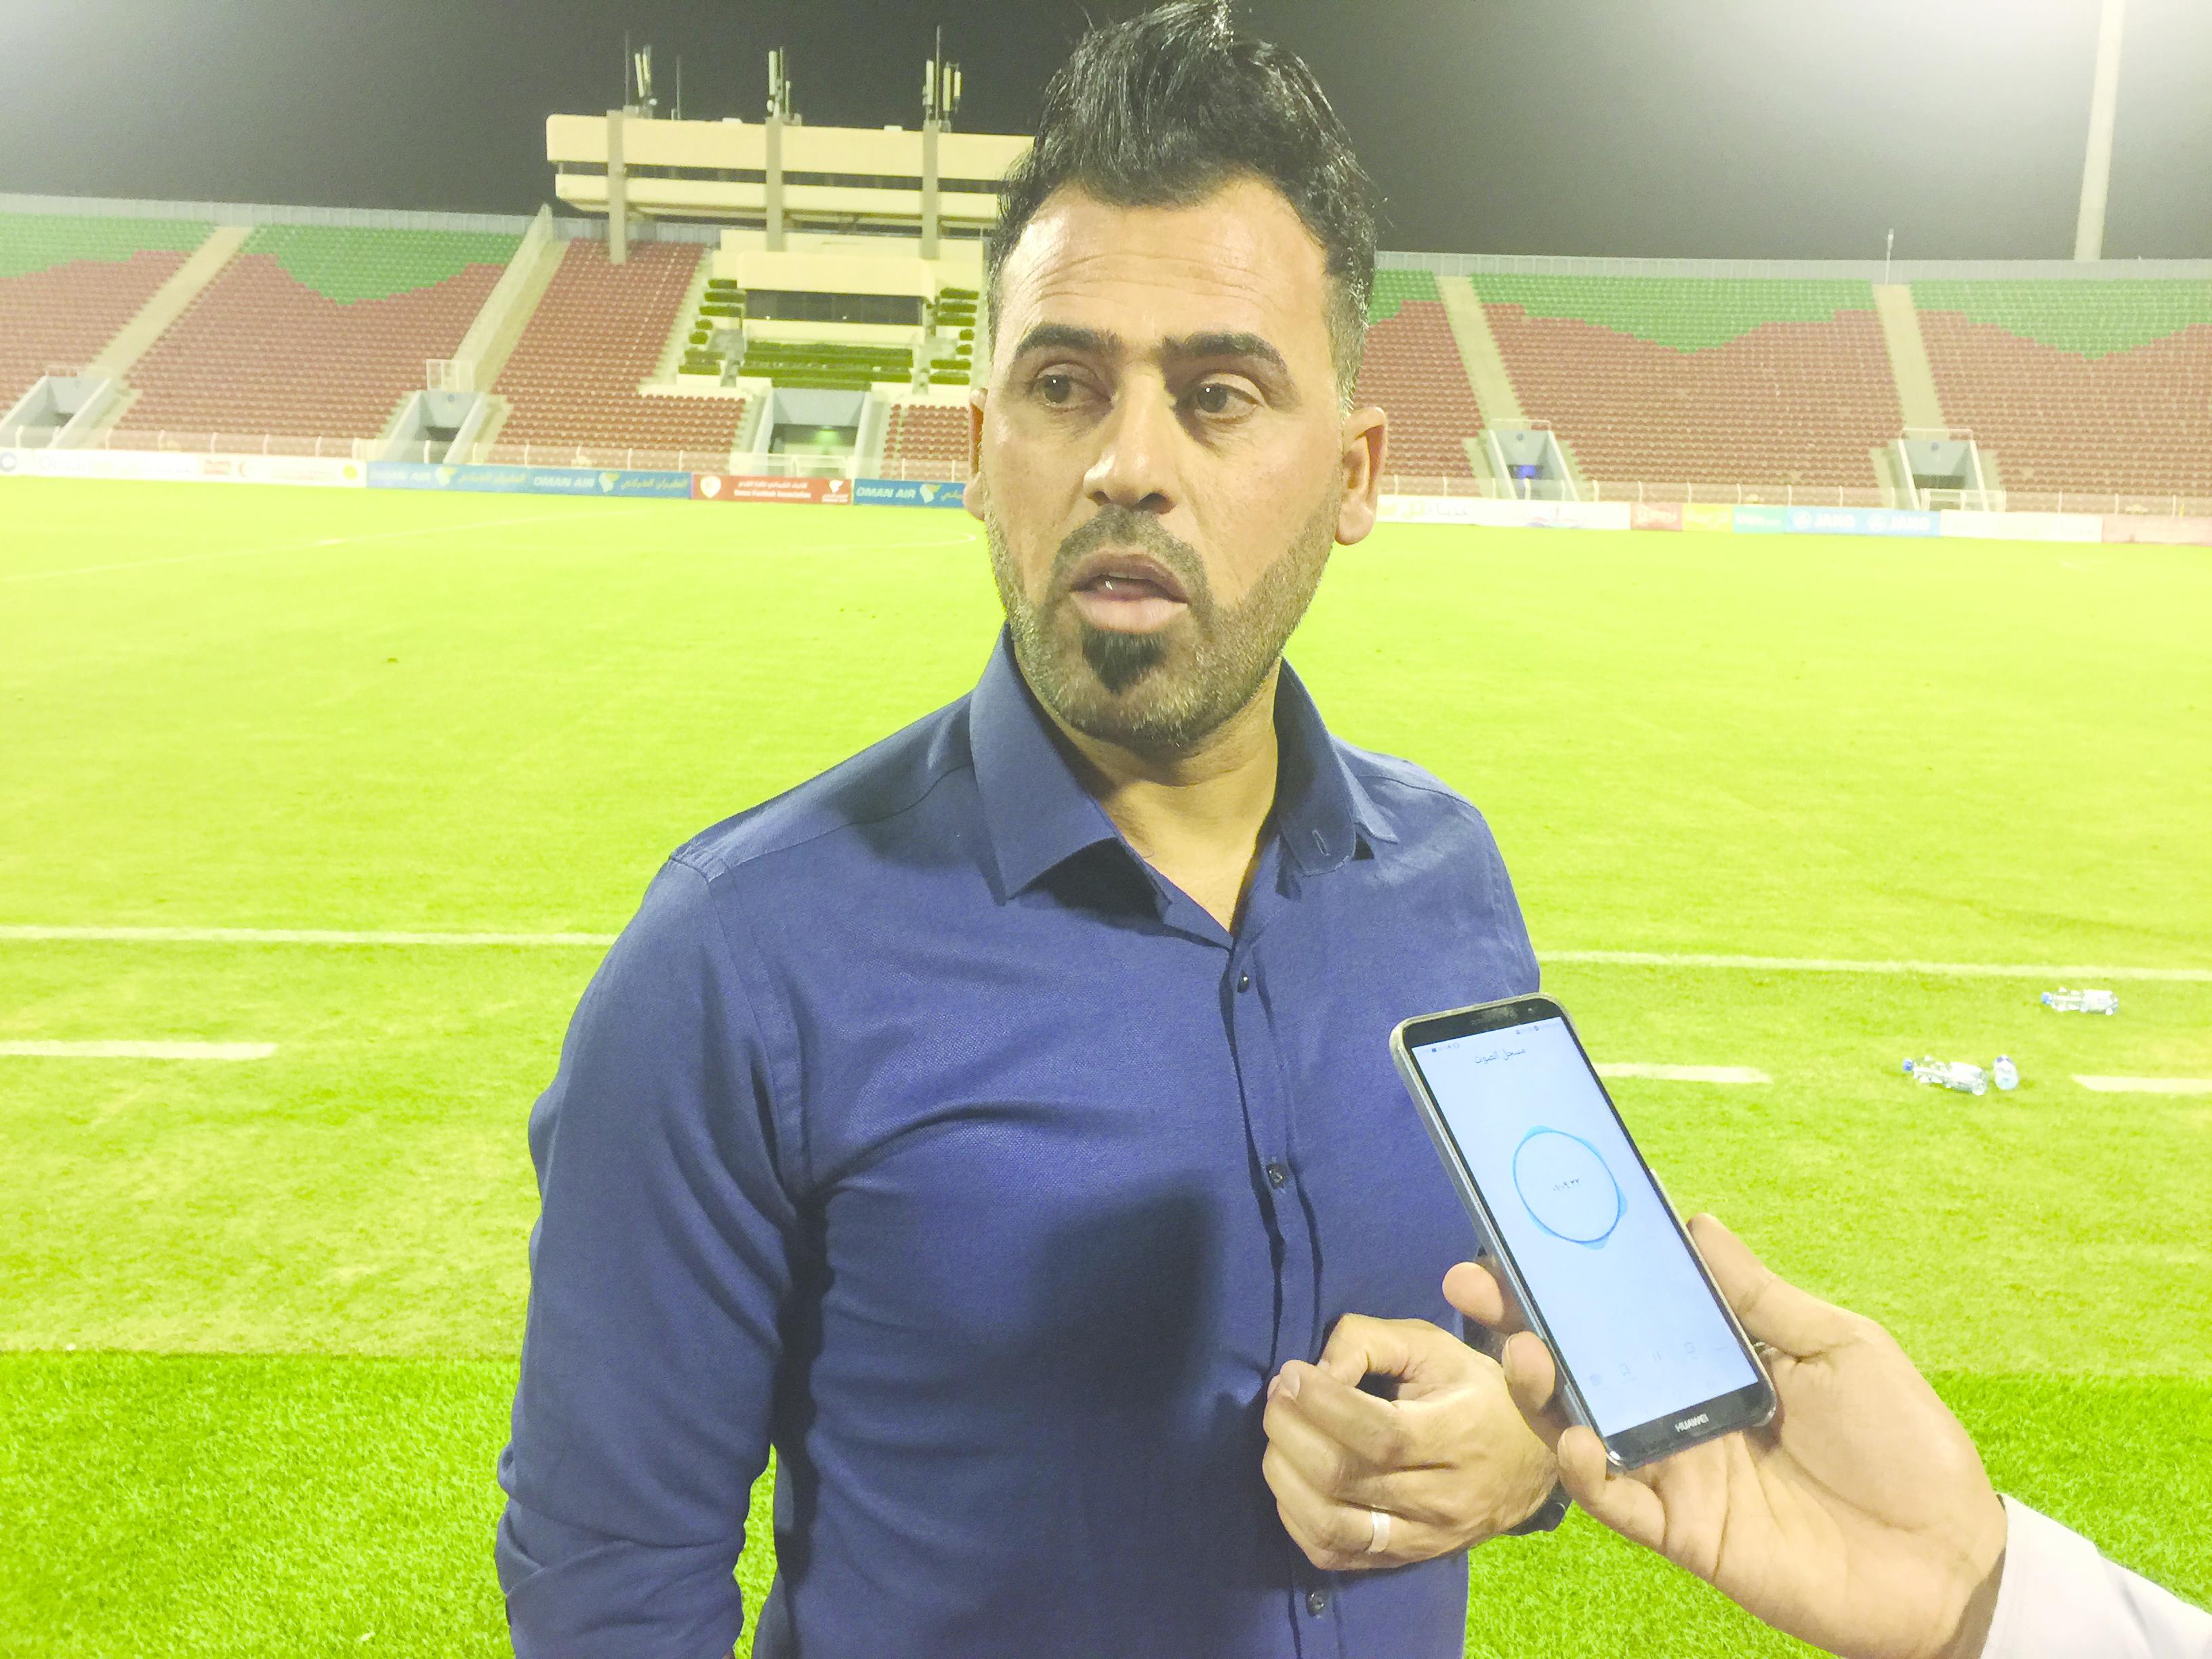 النجم العراقي  عماد محمد:اختيارنا للاعبين  بدون دوري محلي